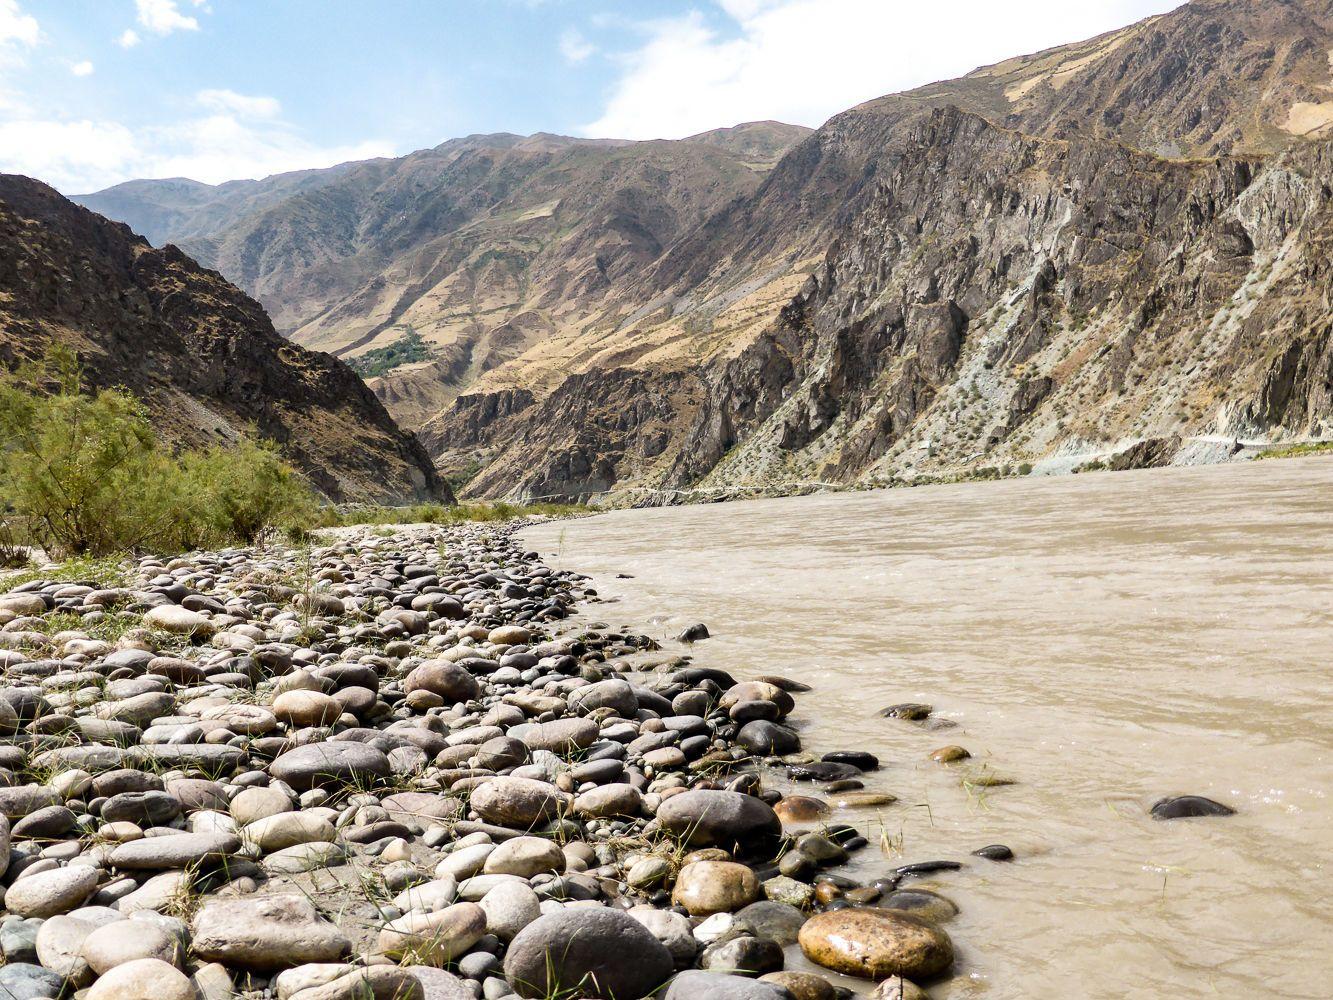 Panj river, Pamir Highway